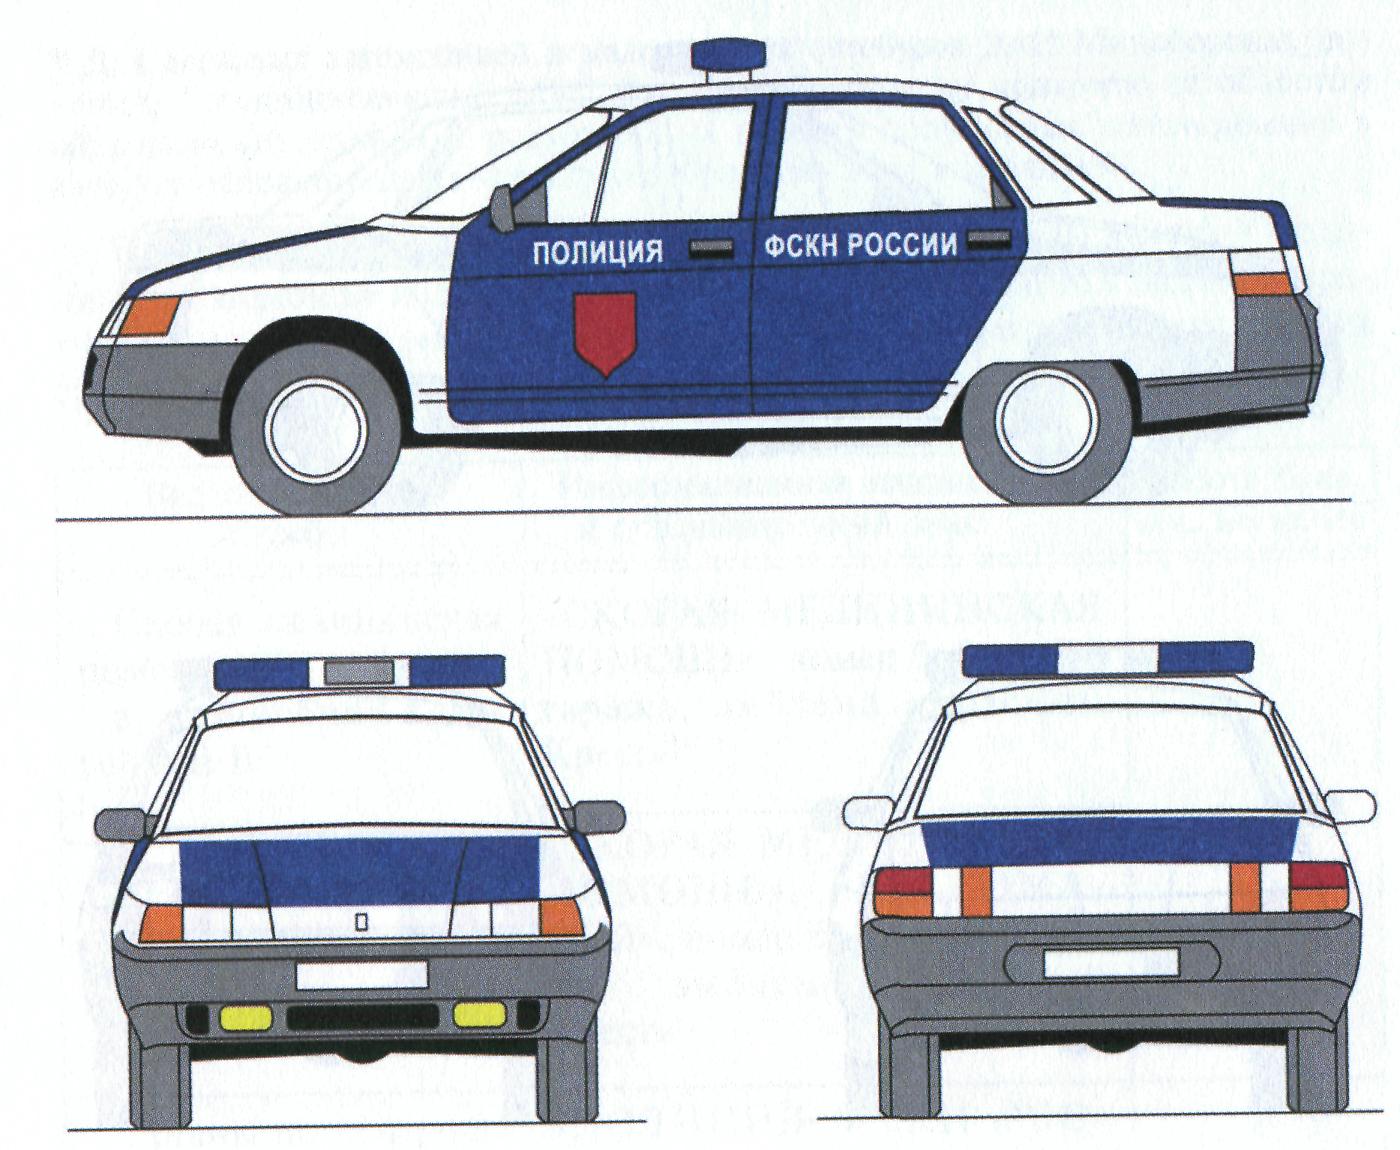 РИСУНОК А.52 (К ИЗМЕНЕНИЮ N4 ГОСТ Р 50574-2002)